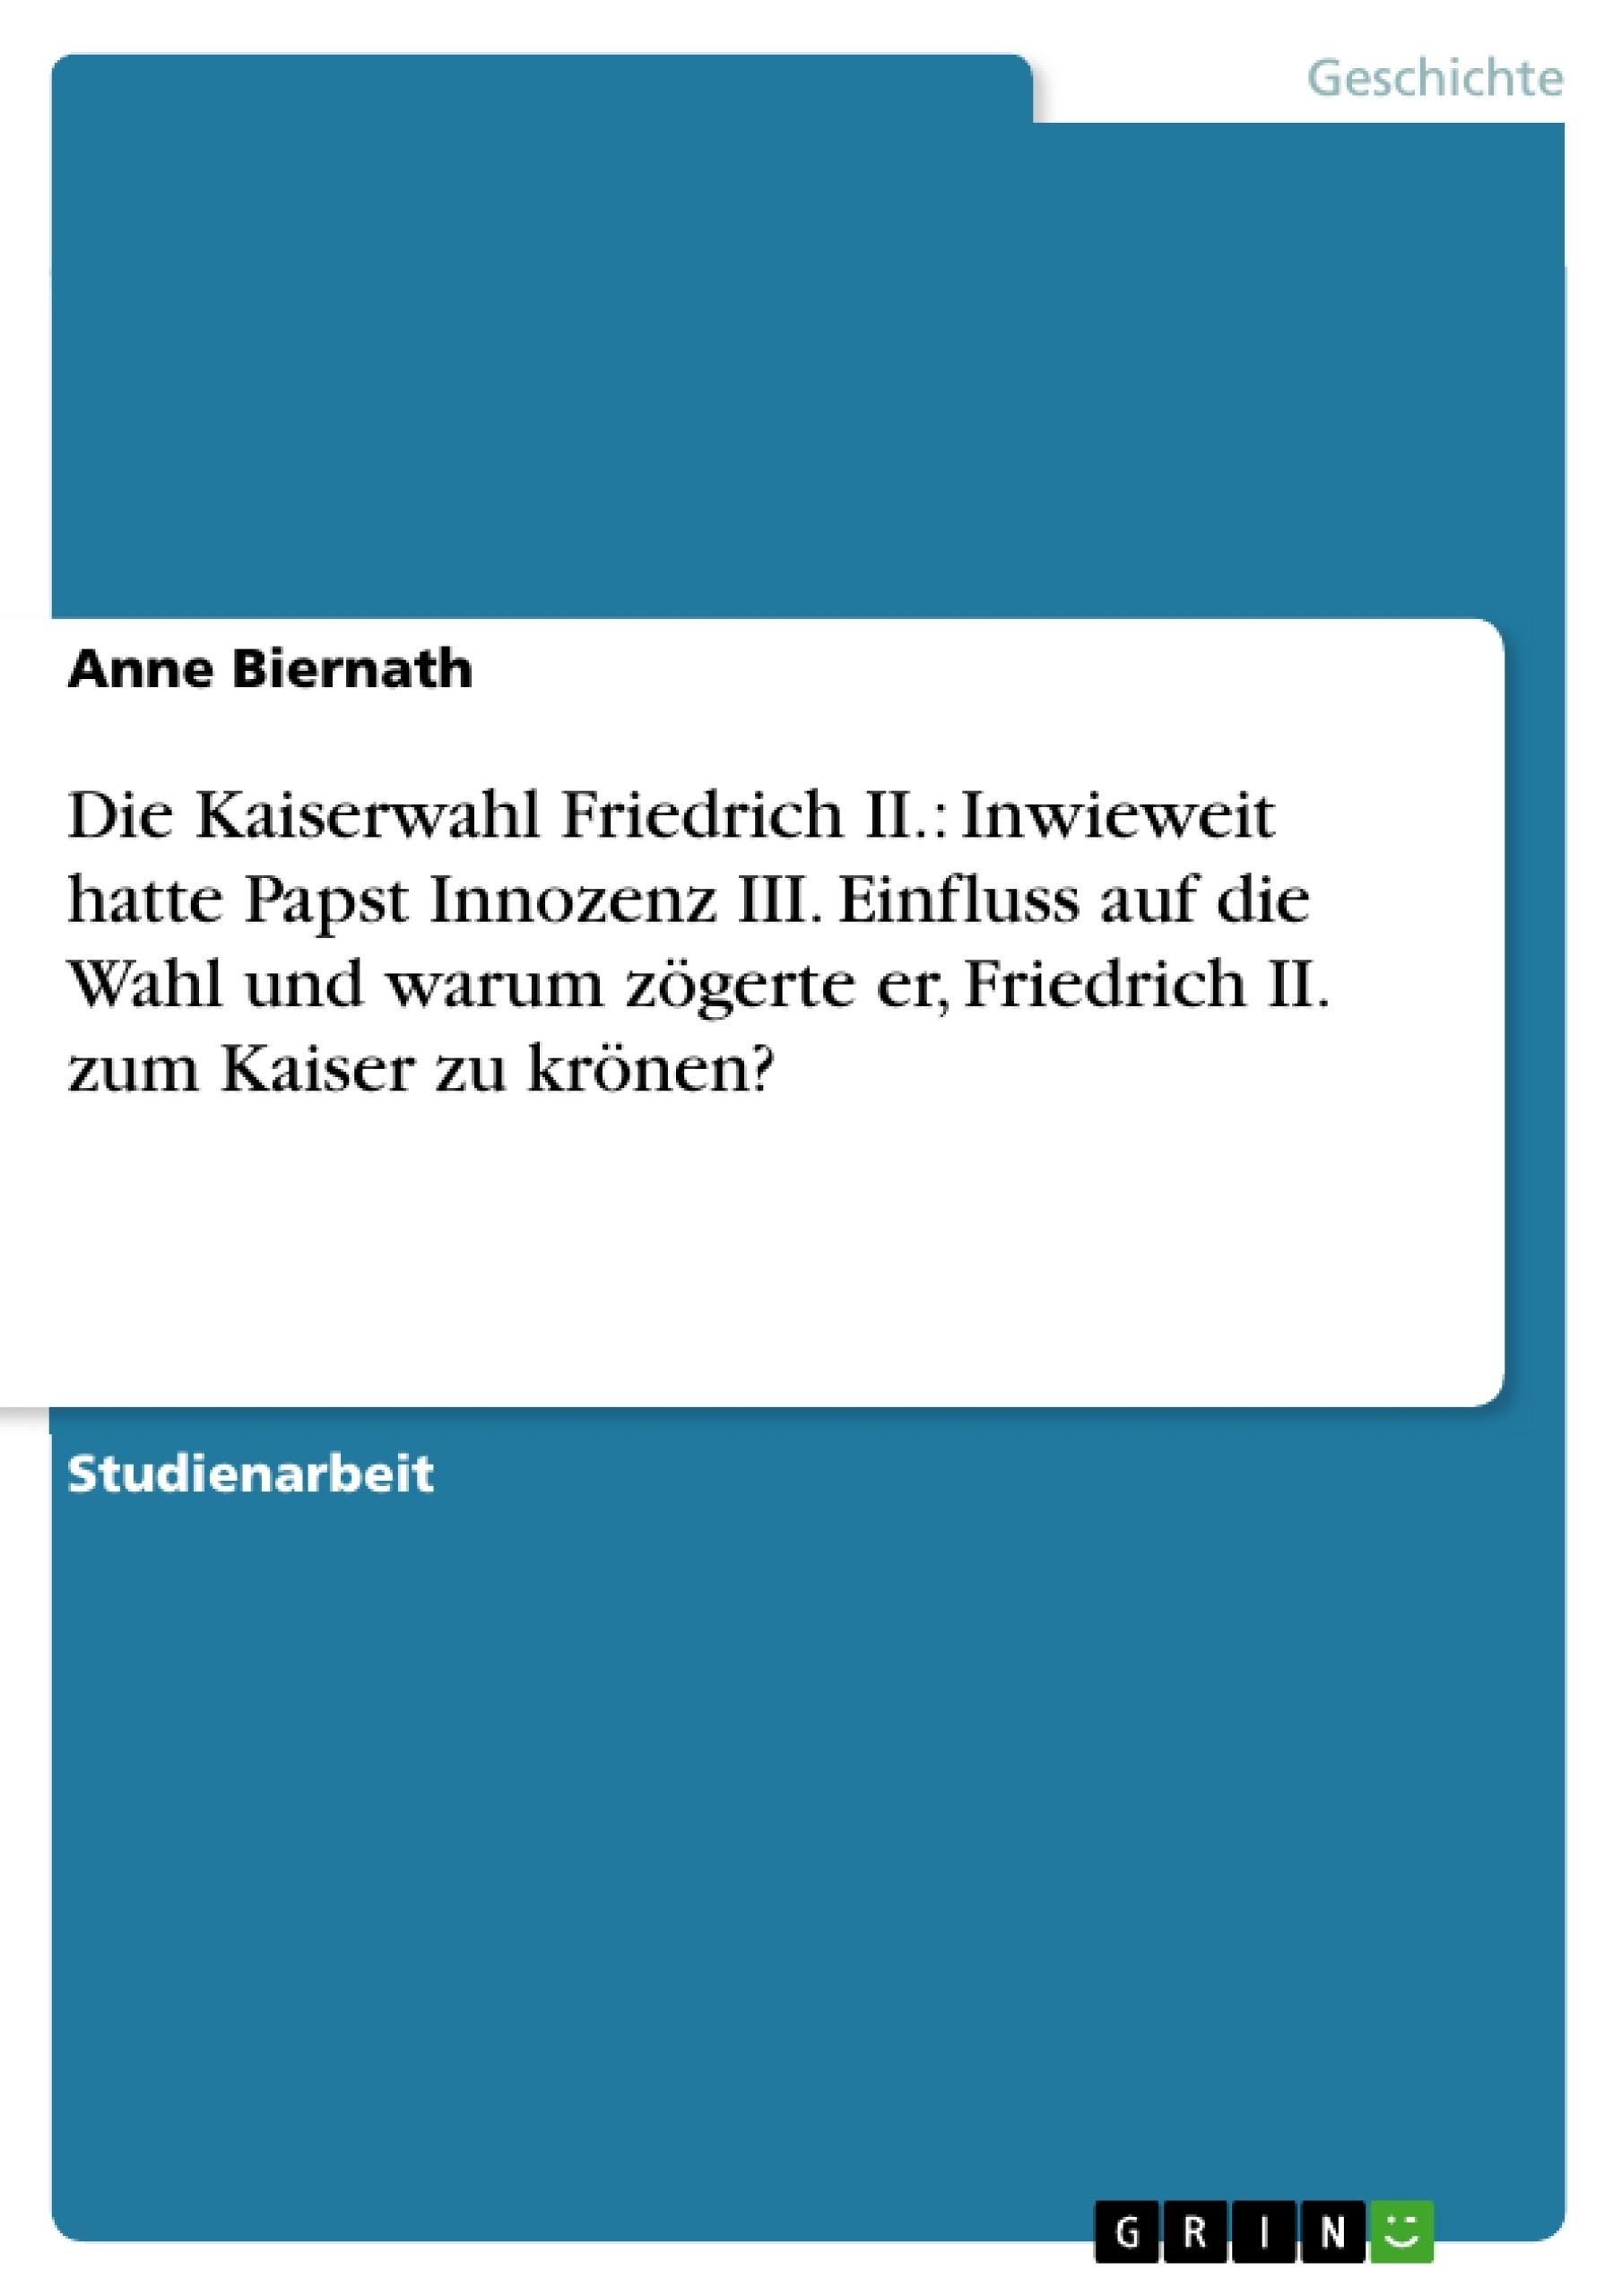 Titel: Die Kaiserwahl Friedrich II.: Inwieweit hatte Papst Innozenz III. Einfluss auf die Wahl und warum zögerte er, Friedrich II. zum Kaiser zu krönen?